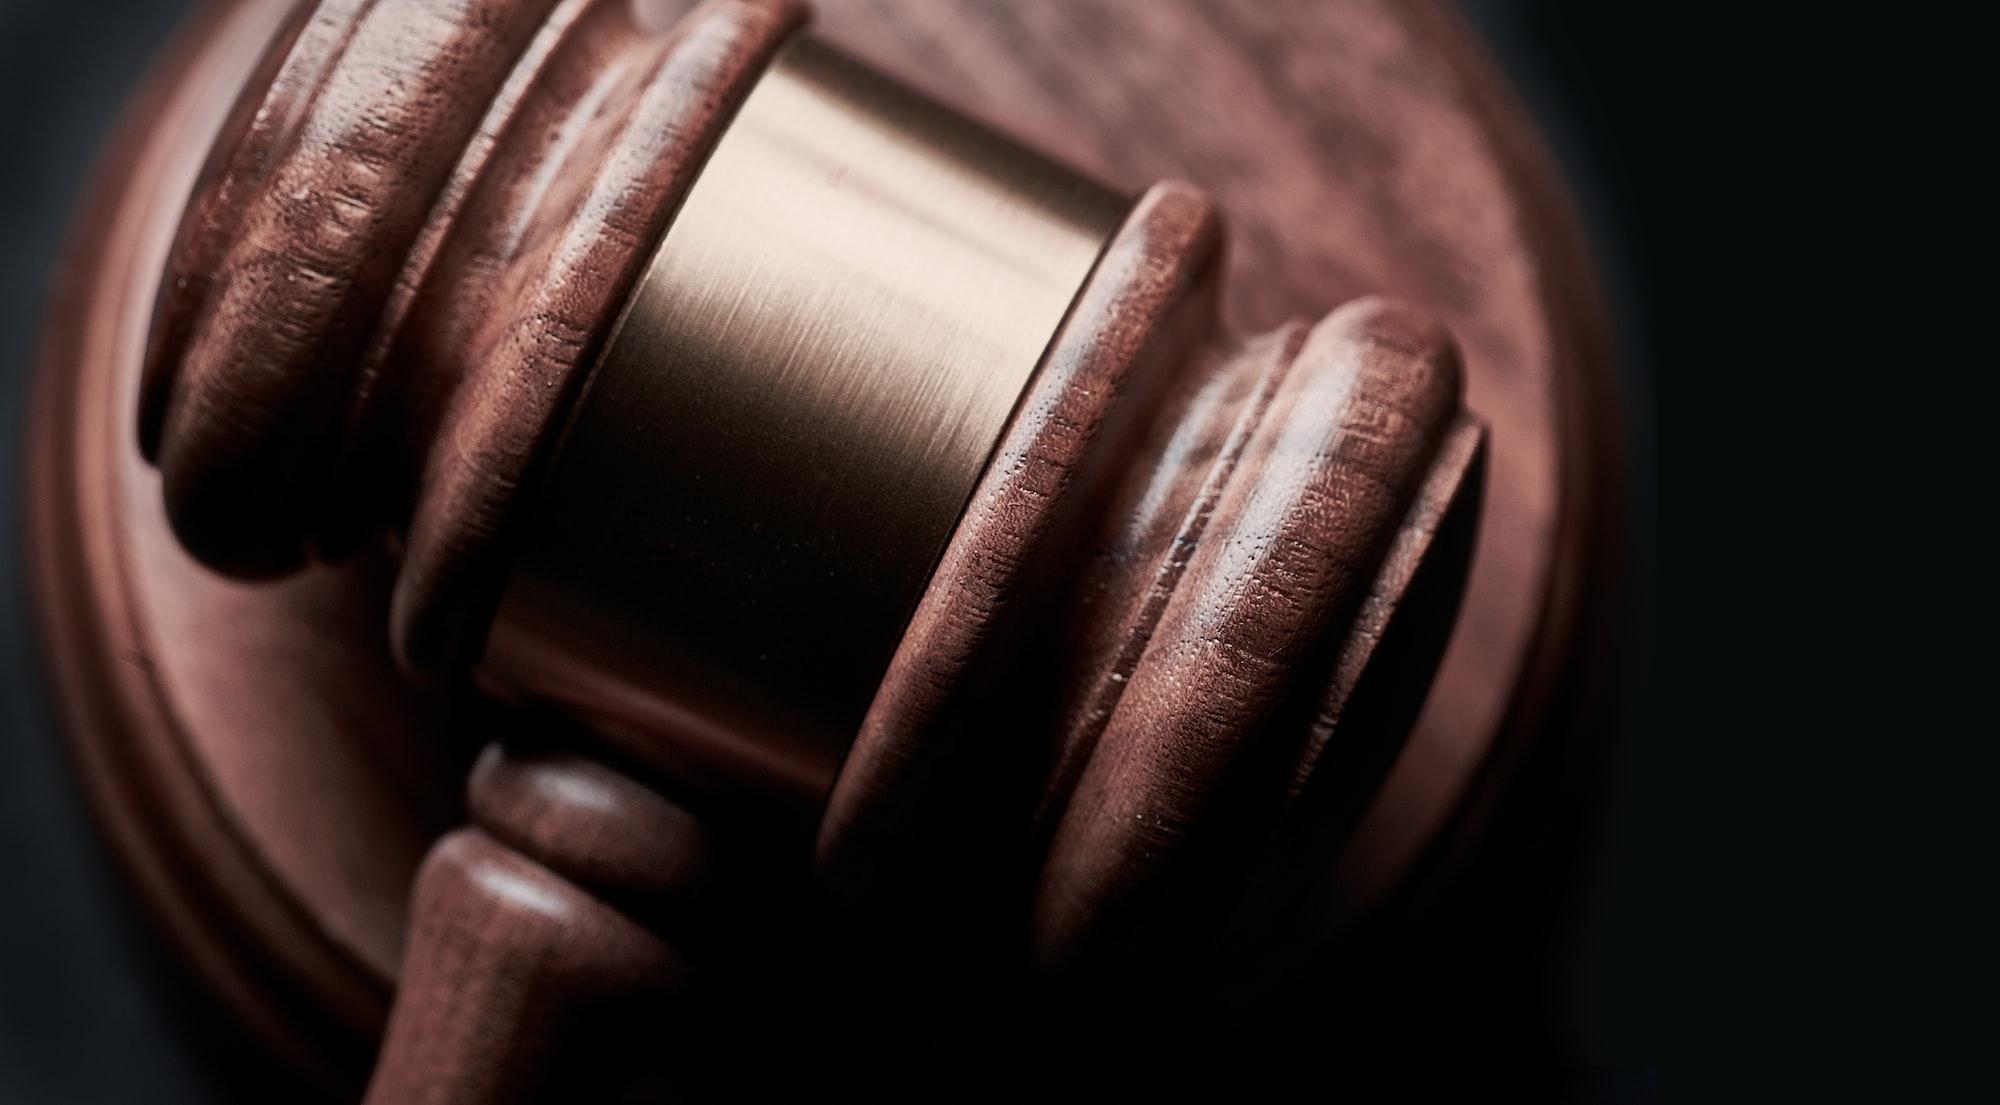 धोखाधड़ी के आरोपी इस भारतीय मूल के व्यक्ति को मिली अनोखी सजा